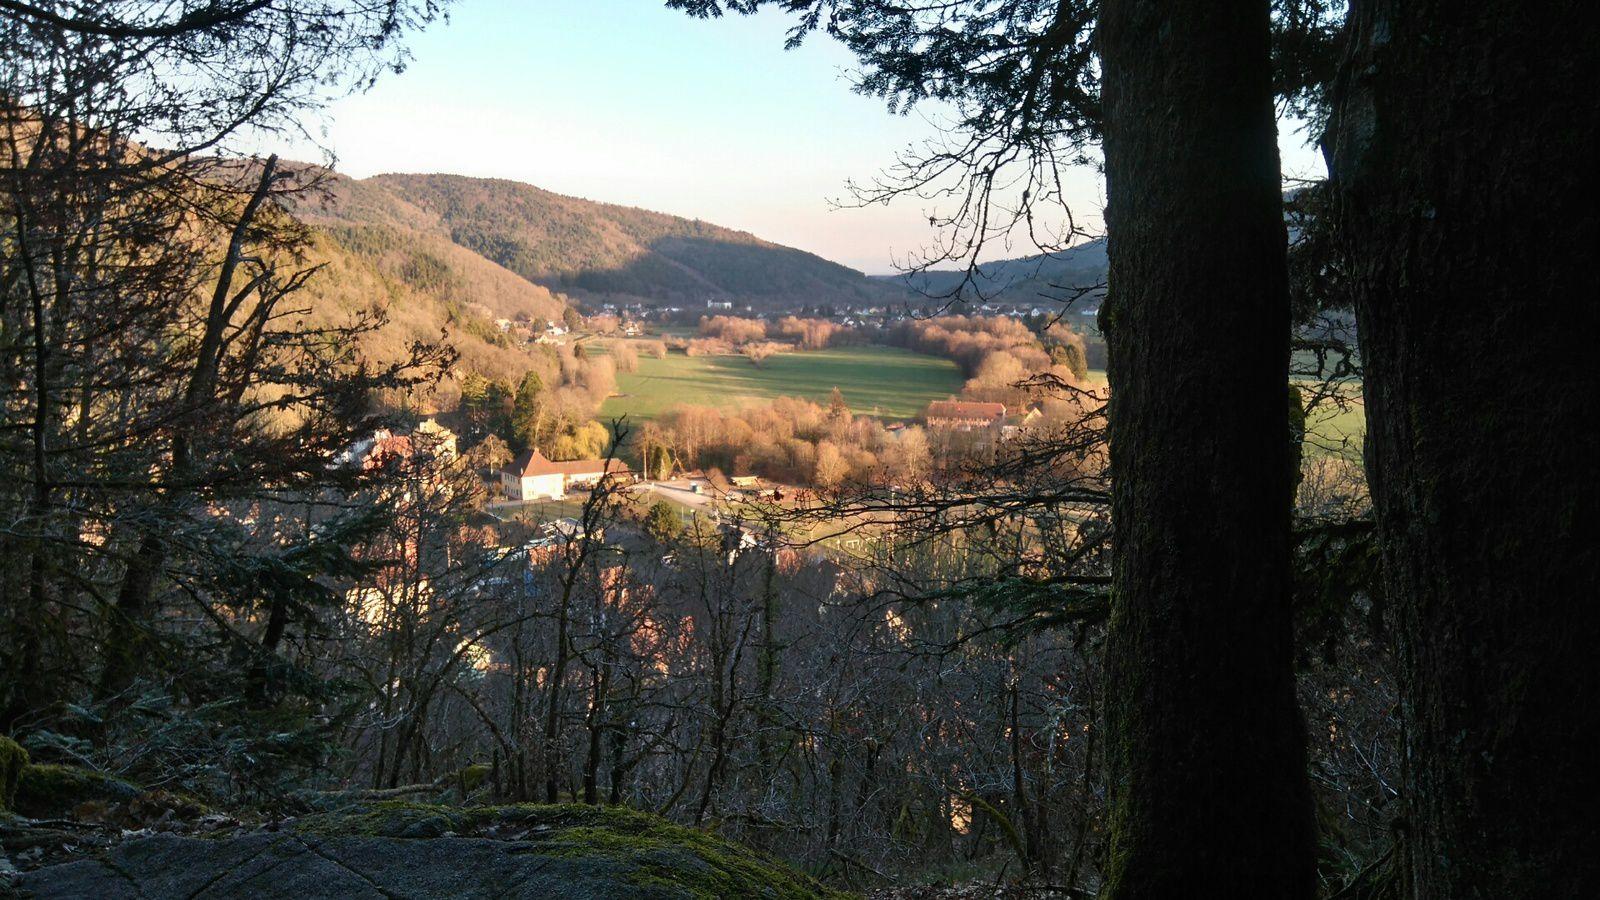 Randonnée dans la vallée de la Doller - mercredi 3 avril 2019